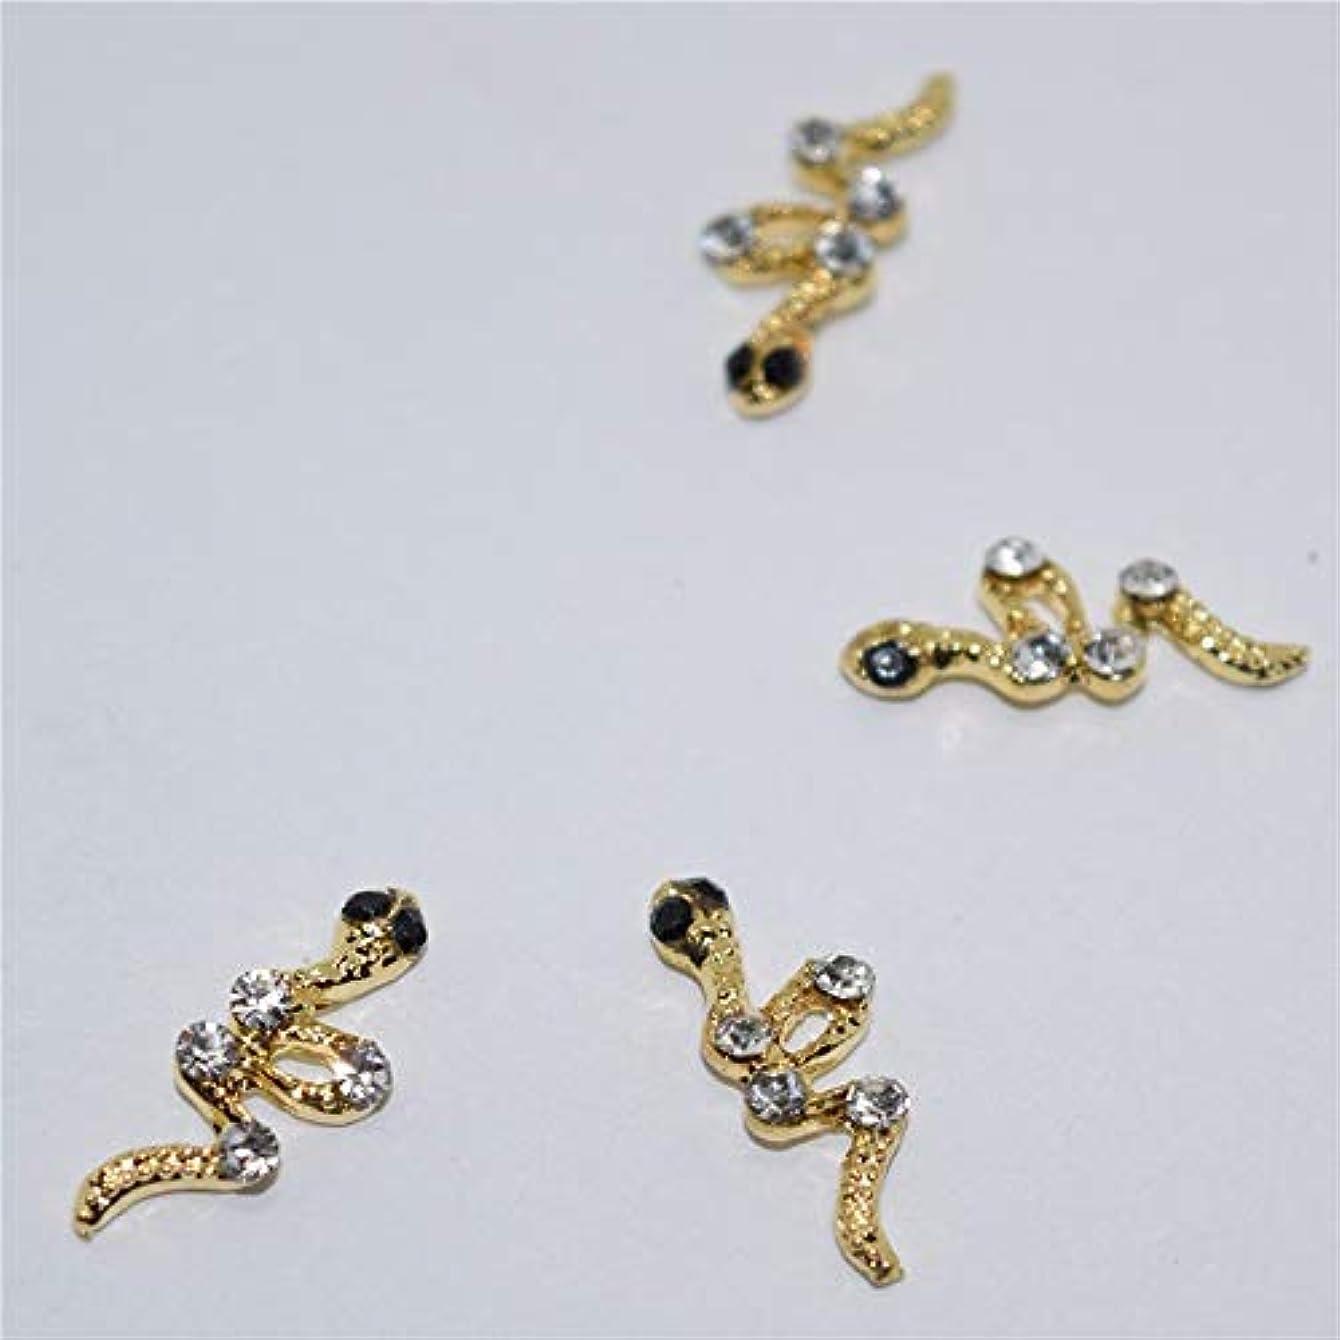 褐色休日マニア10個入りゴールデンスネーク動物の3Dネイルアートの装飾合金ネイルチャームネイルズラインストーンネイル用品